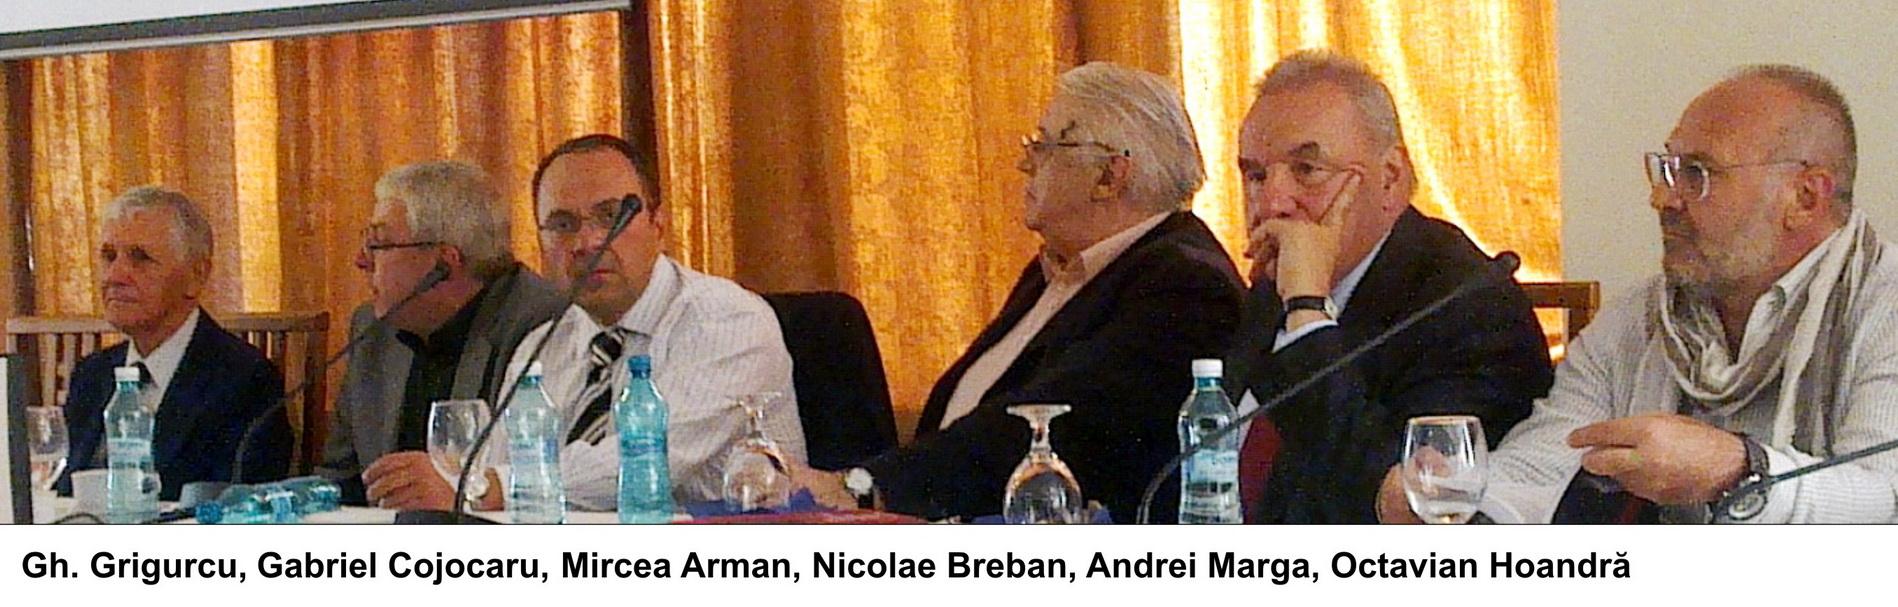 http://www.uniuneascriitorilor-filialacluj.ro/Poze/carti/arman.jpg